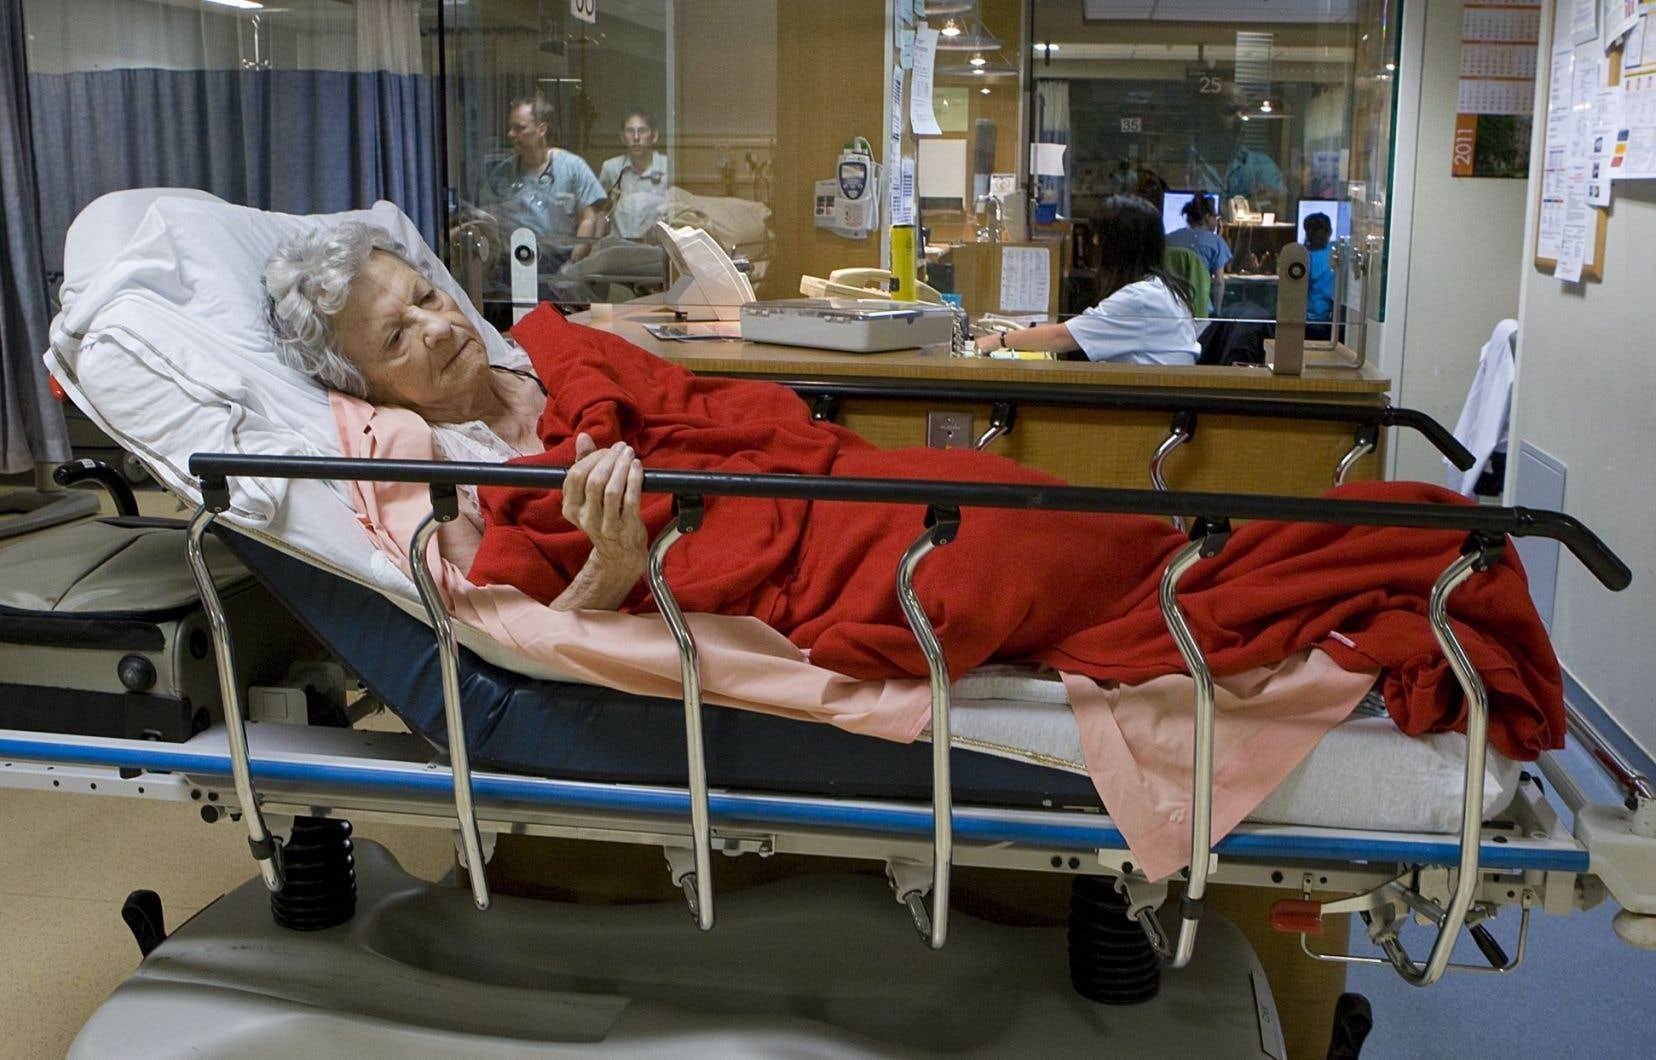 Le ministre Barrette a annoncé un investissement de 100 millions qui doit permettre de libérer 2125 lits de soins aigus dans les hôpitaux du Québec.